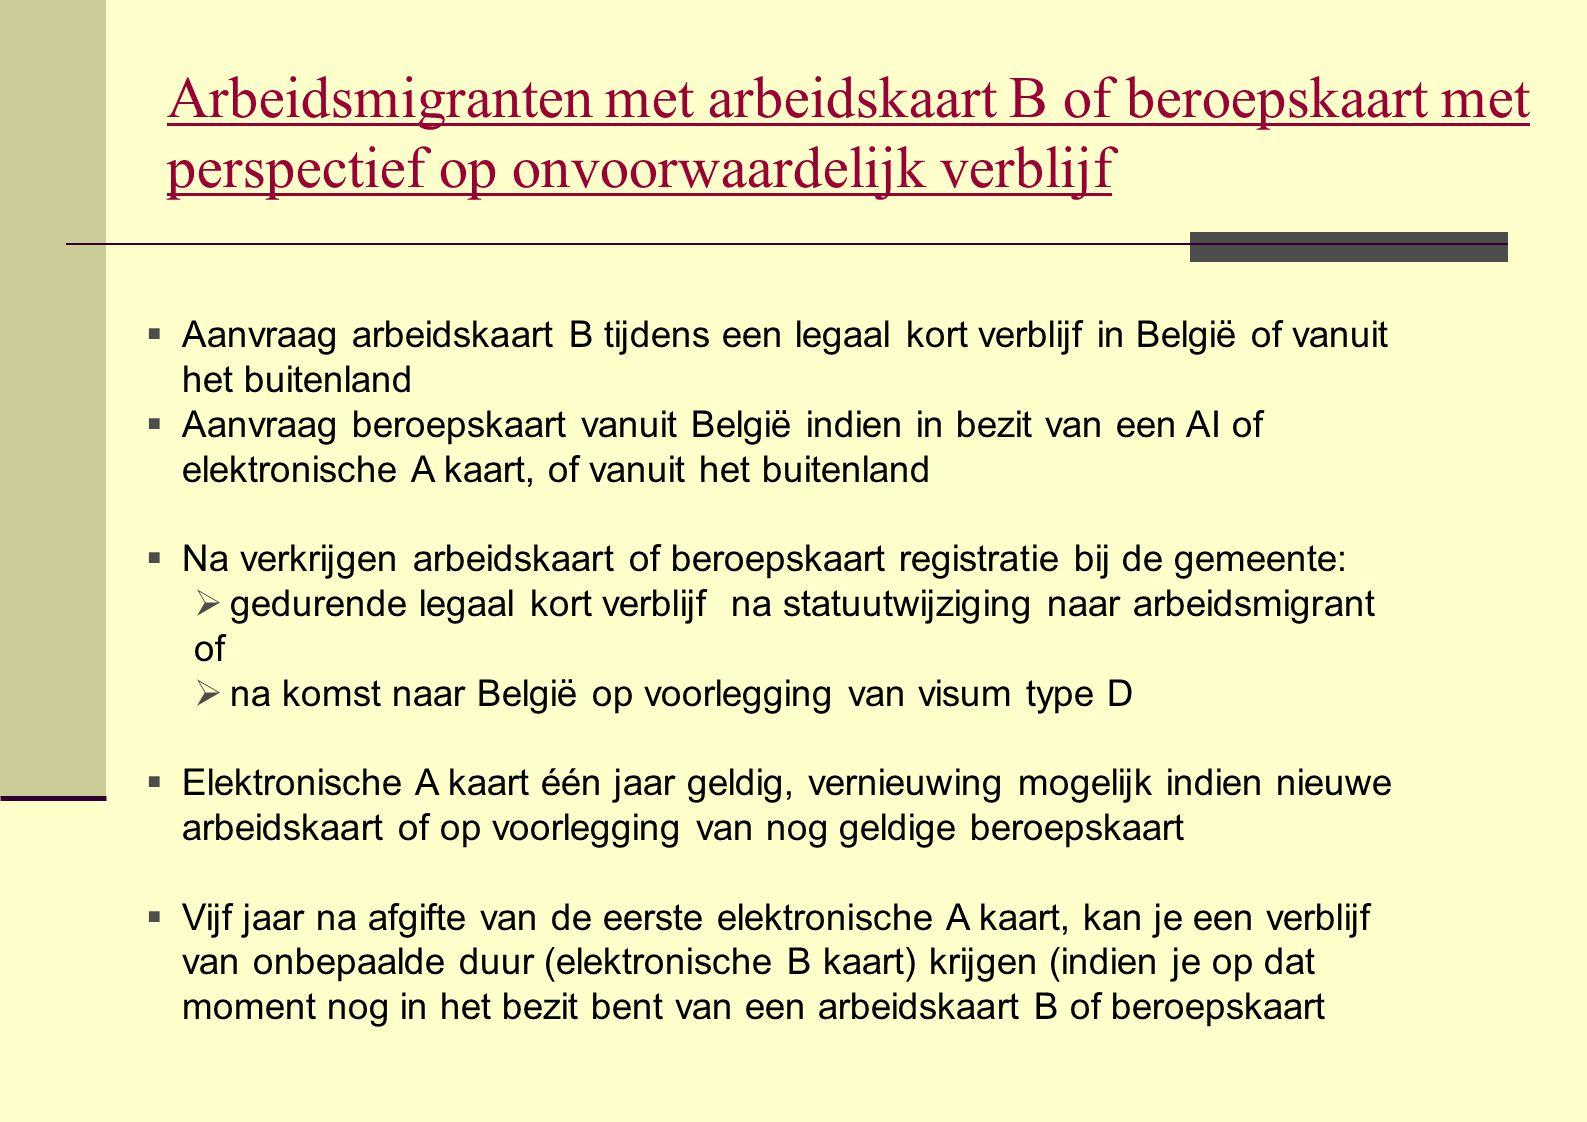 Arbeidsmigranten met arbeidskaart B of beroepskaart met perspectief op onvoorwaardelijk verblijf